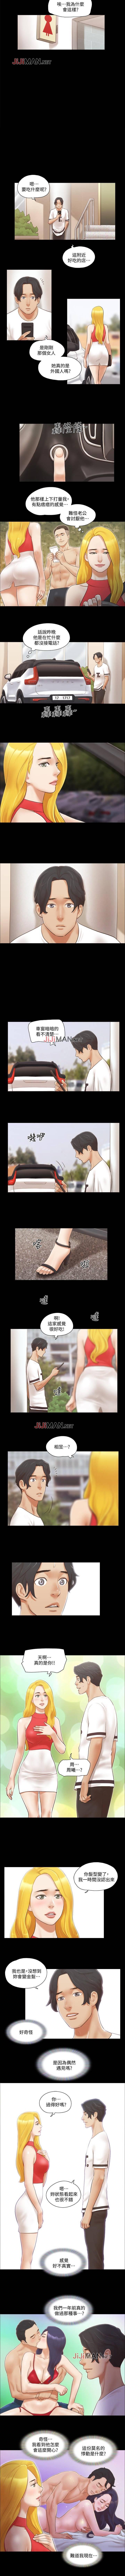 【周五连载】协议换爱(作者:遠德) 第1~62话 73